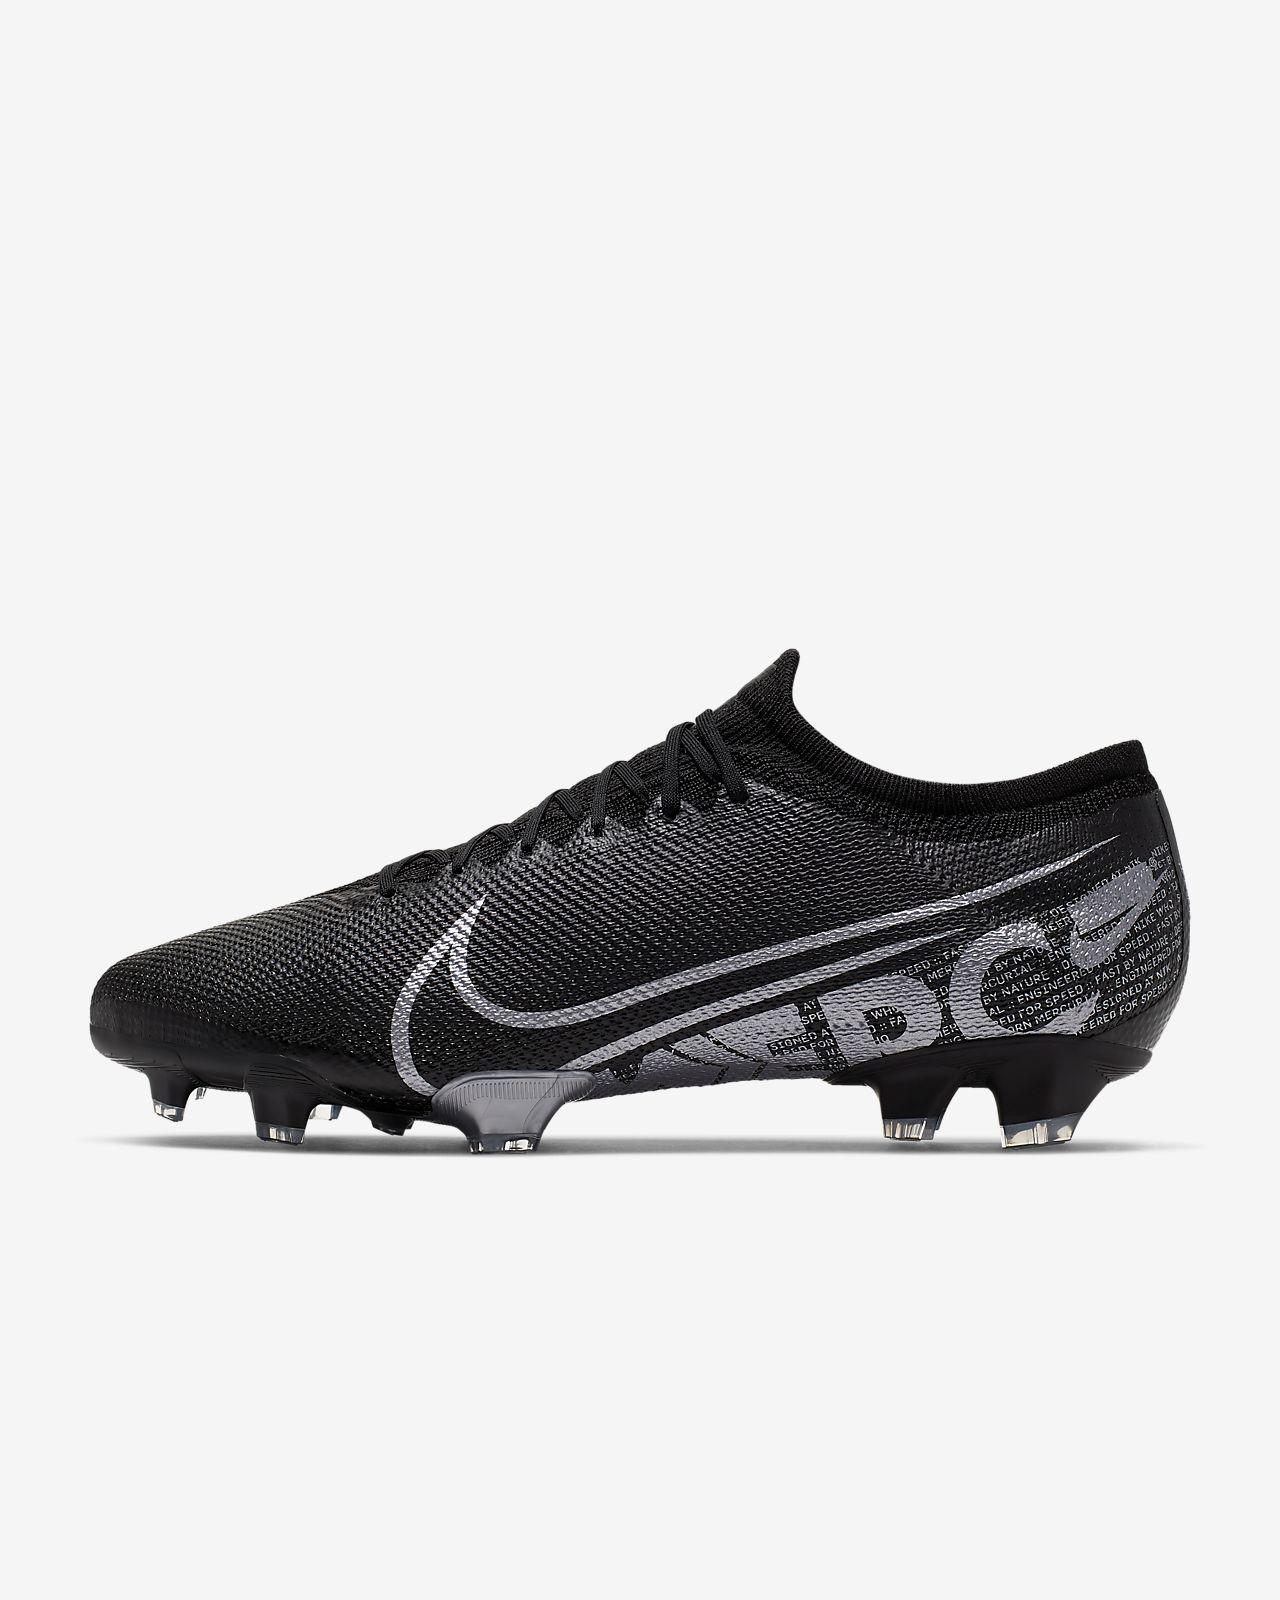 Calzado de fútbol para terreno firme Nike Mercurial Vapor 13 Pro FG